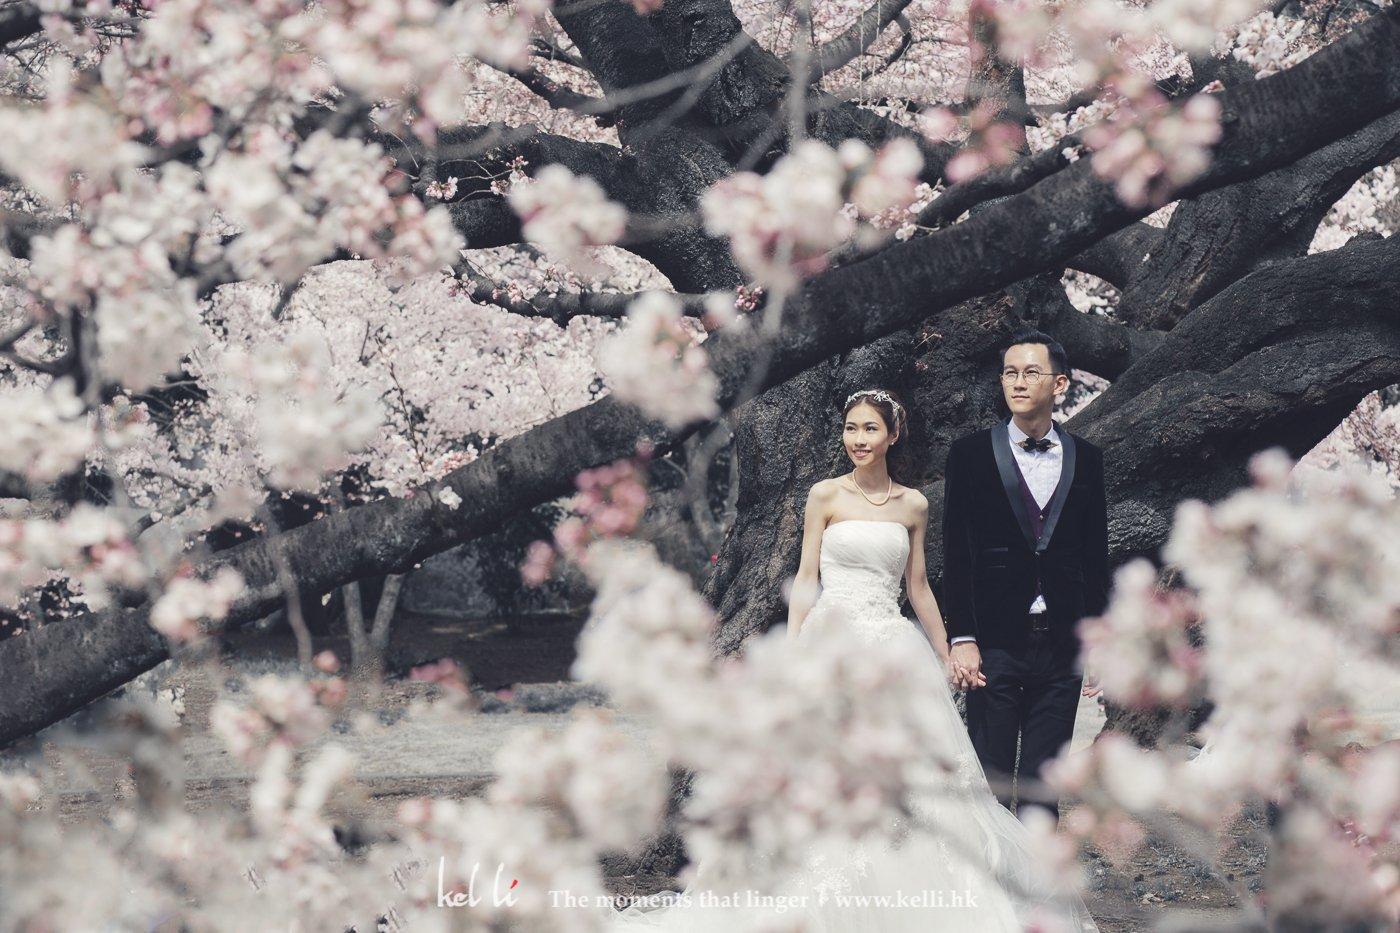 櫻花除左可以拍出浪漫感覺外也可以拍出唯美既感覺